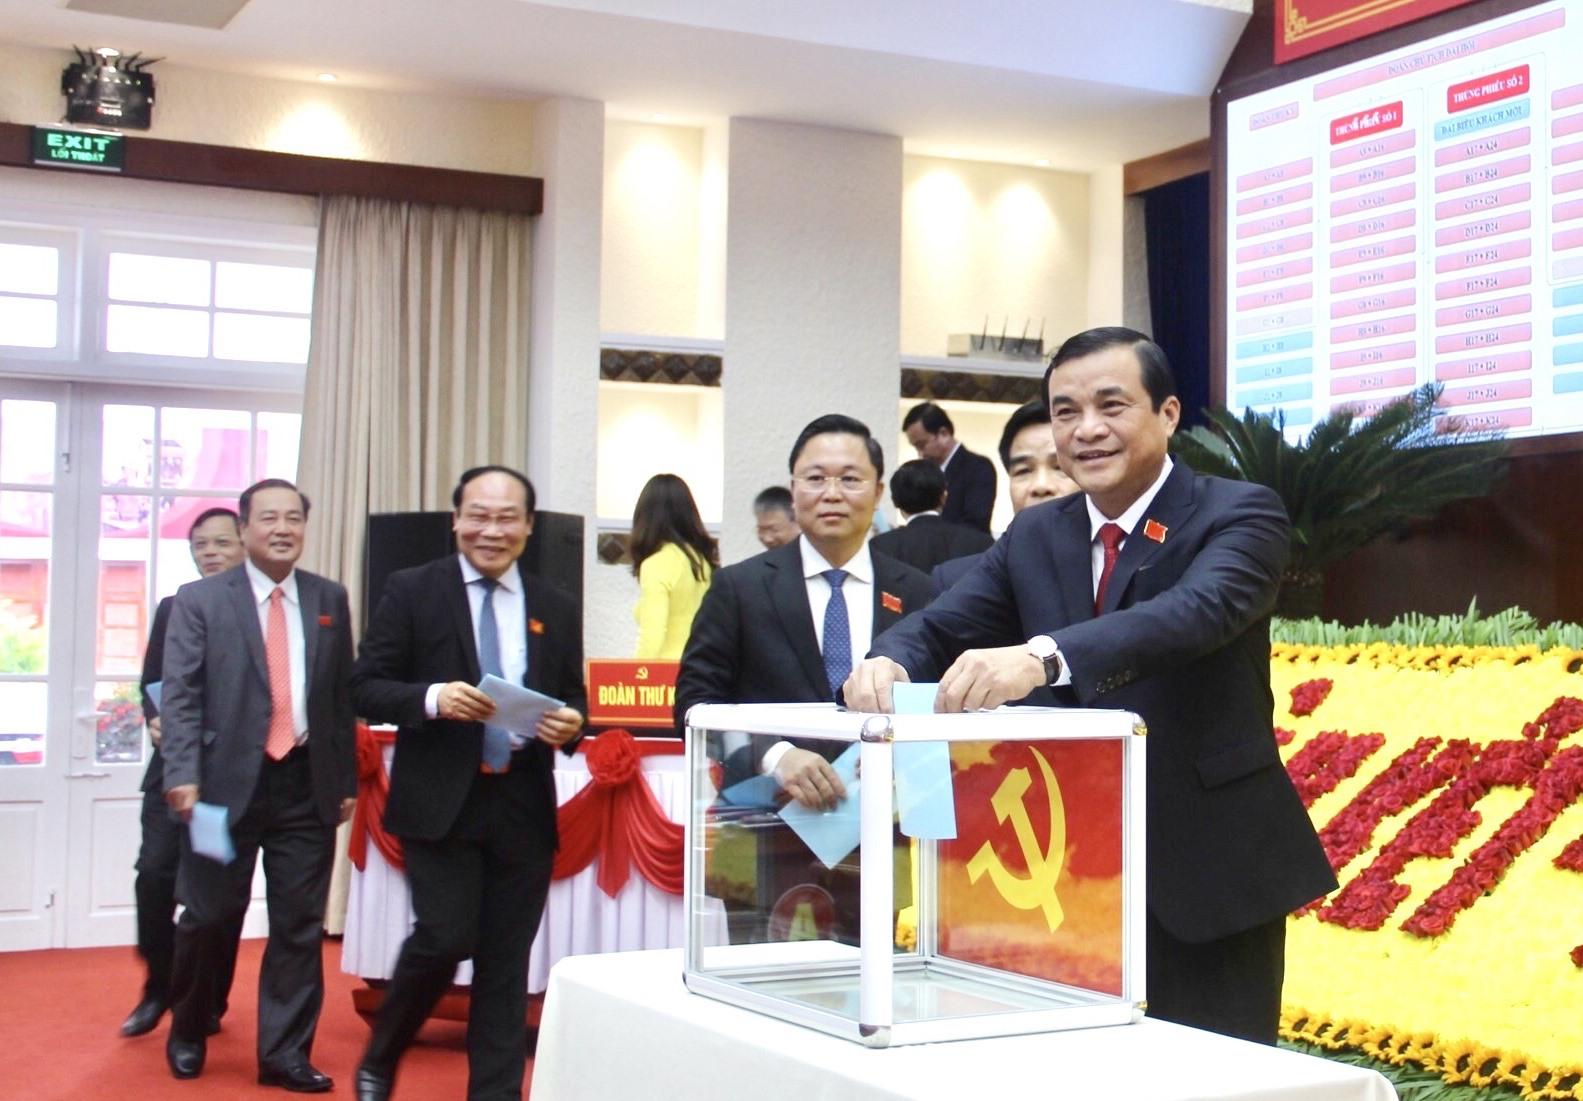 Danh sách Ban Chấp hành Đảng bộ tỉnh Quảng Nam khóa XXII (nhiệm kỳ 2020-2025)